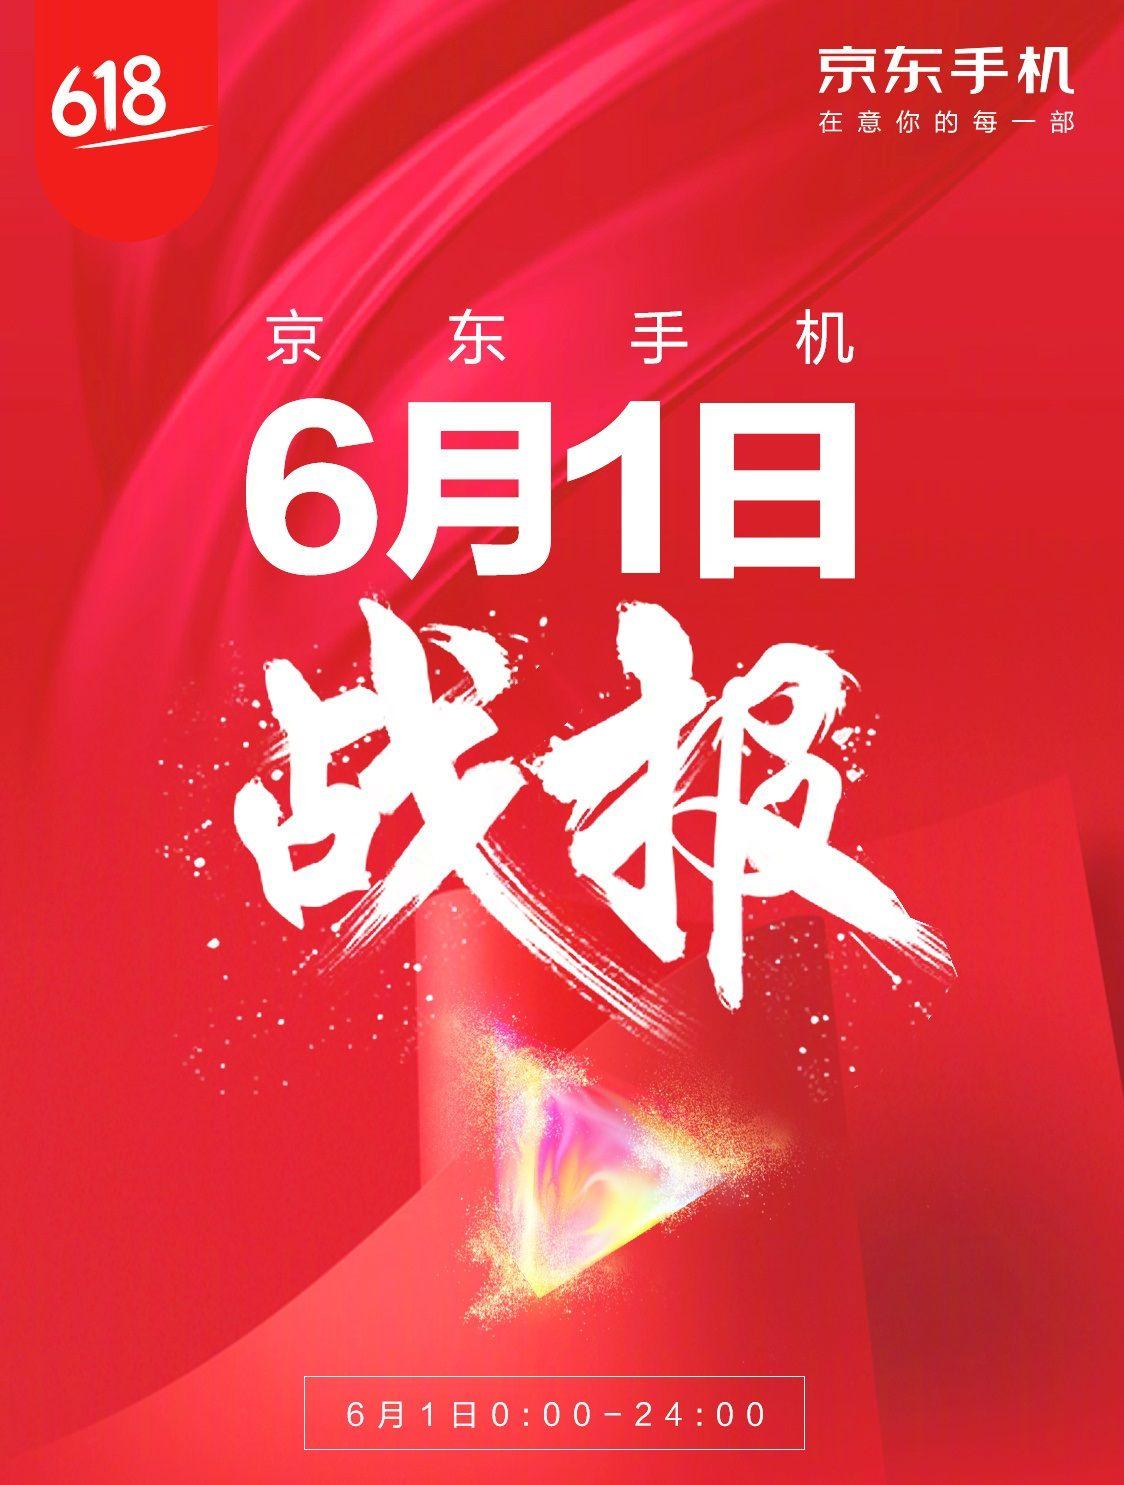 京東の「京東618(創業記念)セール」の6月1日のランキングが公開。販売台数TOPはXiaomi